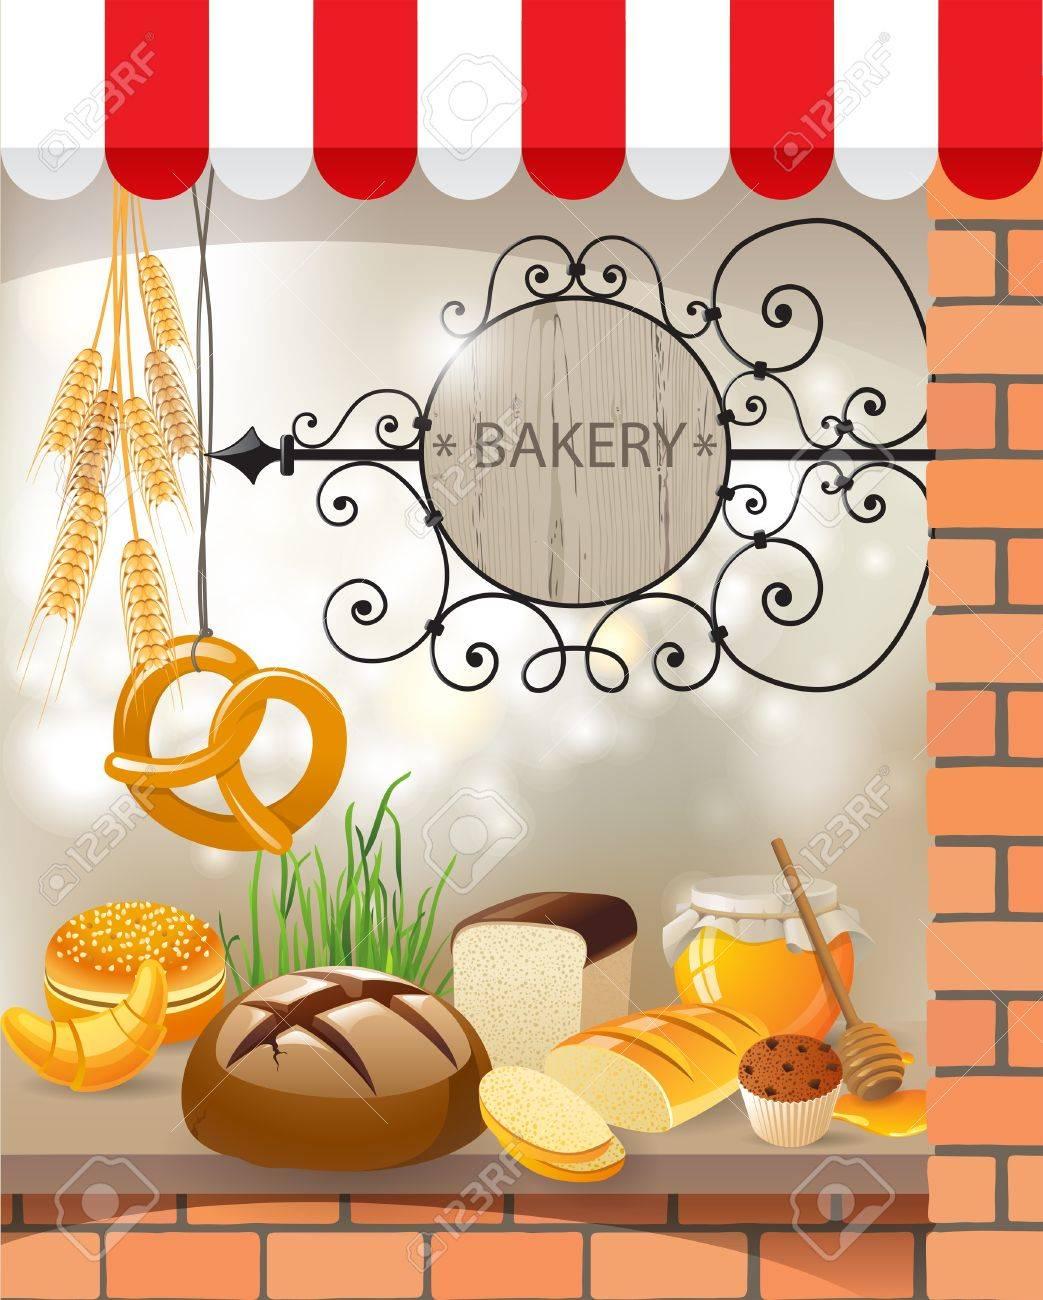 パン屋の店のショーケース のイラスト素材 ベクタ Image